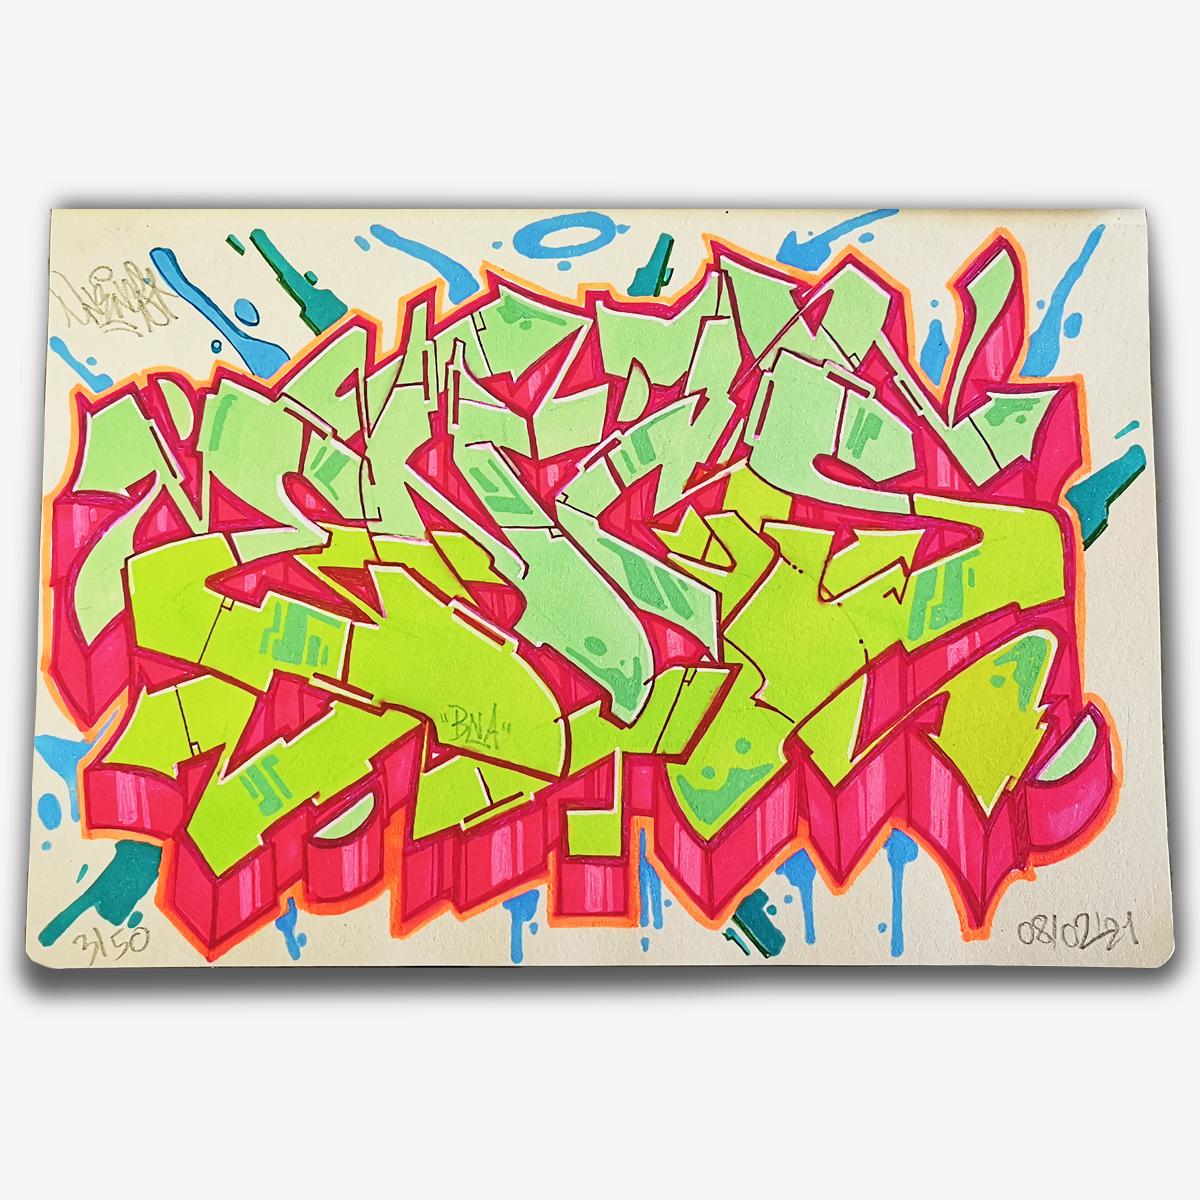 Encs-Sketche-2-Golden-Galerie